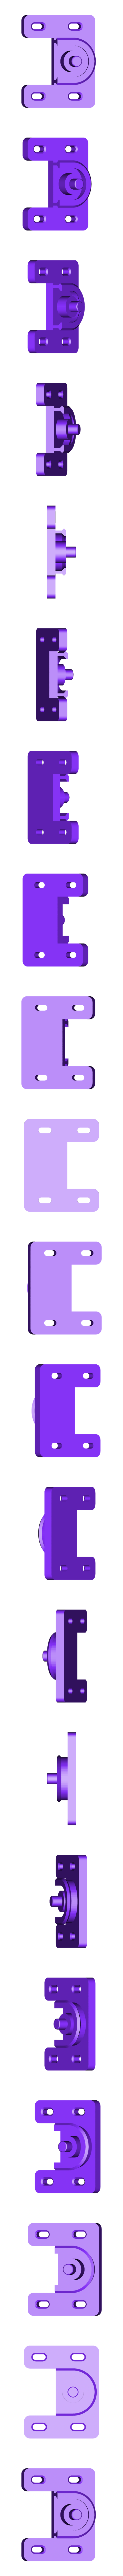 slider-bearing-mount.stl Télécharger fichier STL gratuit Slider de caméra motorisé MK3 • Modèle pour impression 3D, Adafruit